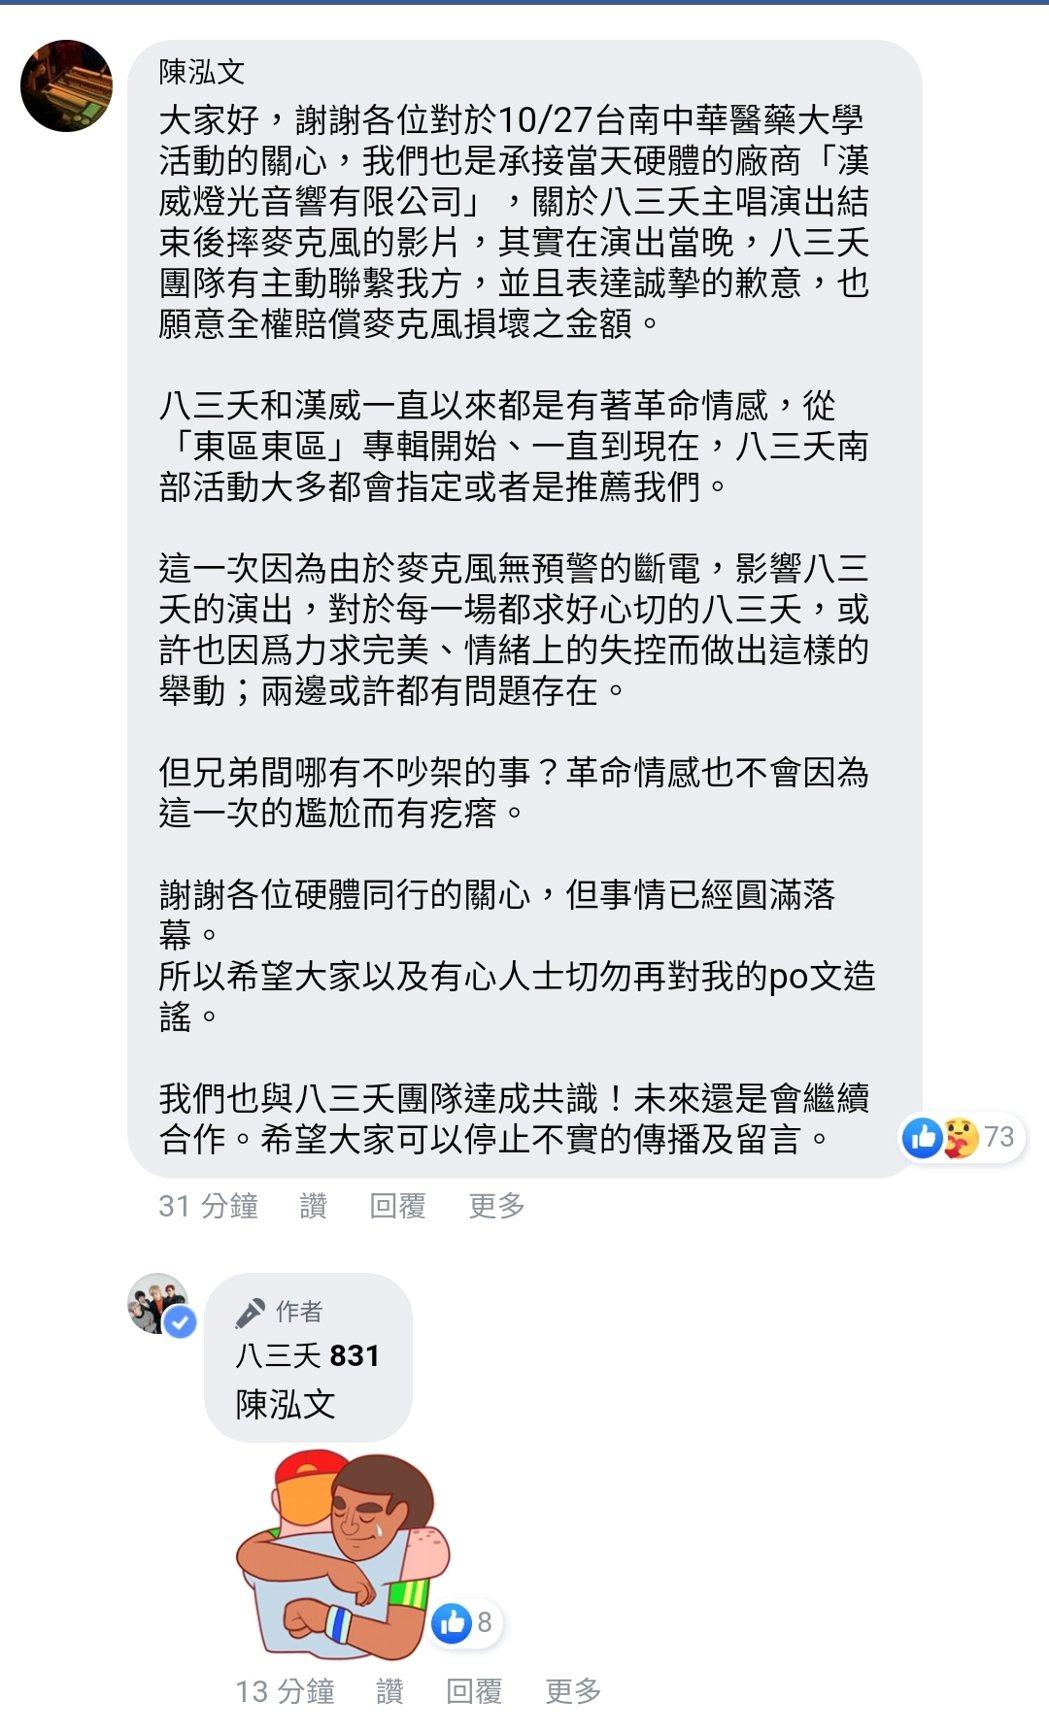 硬體廠商留言回應雙方已達成共識。 圖/擷自八三夭樂團臉書